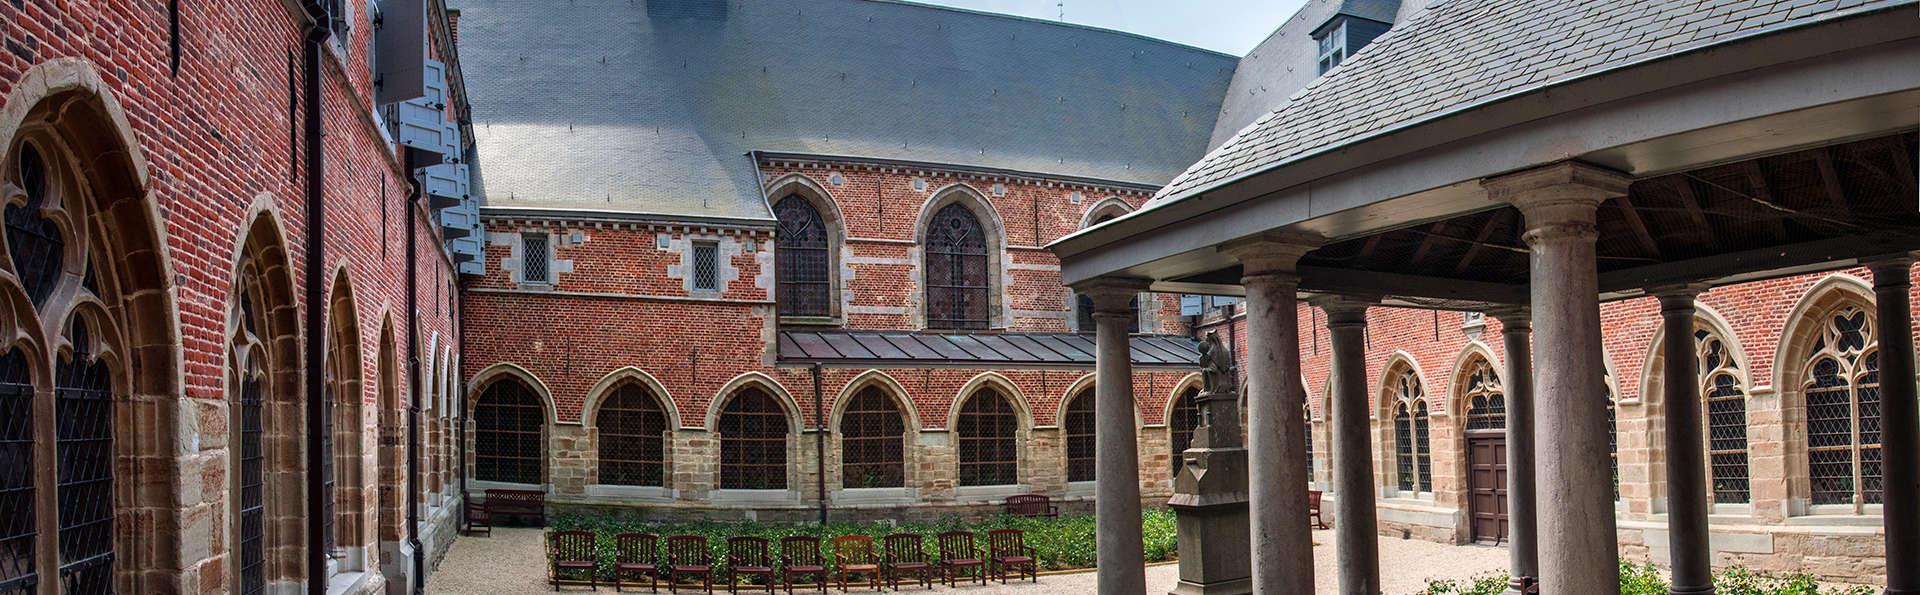 Week-end avec visite de l'Hôpital Notre Dame à la Rose près de Lessines